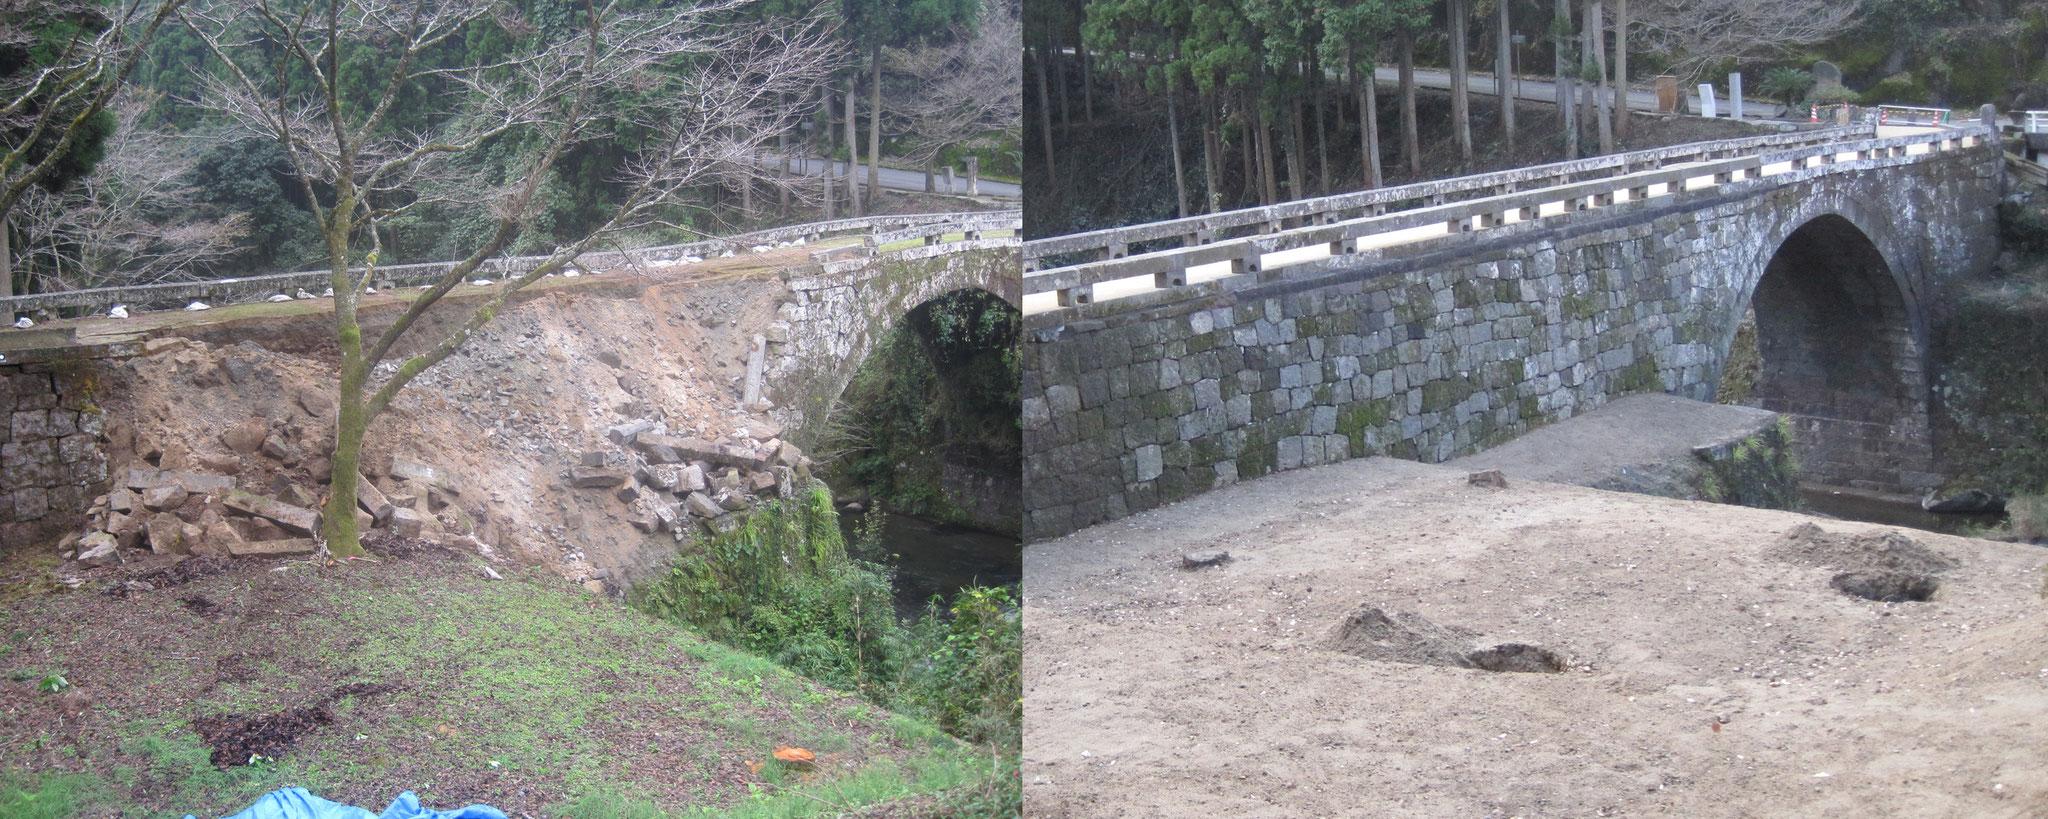 熊本震災で崩落した八勢眼鏡橋の修復